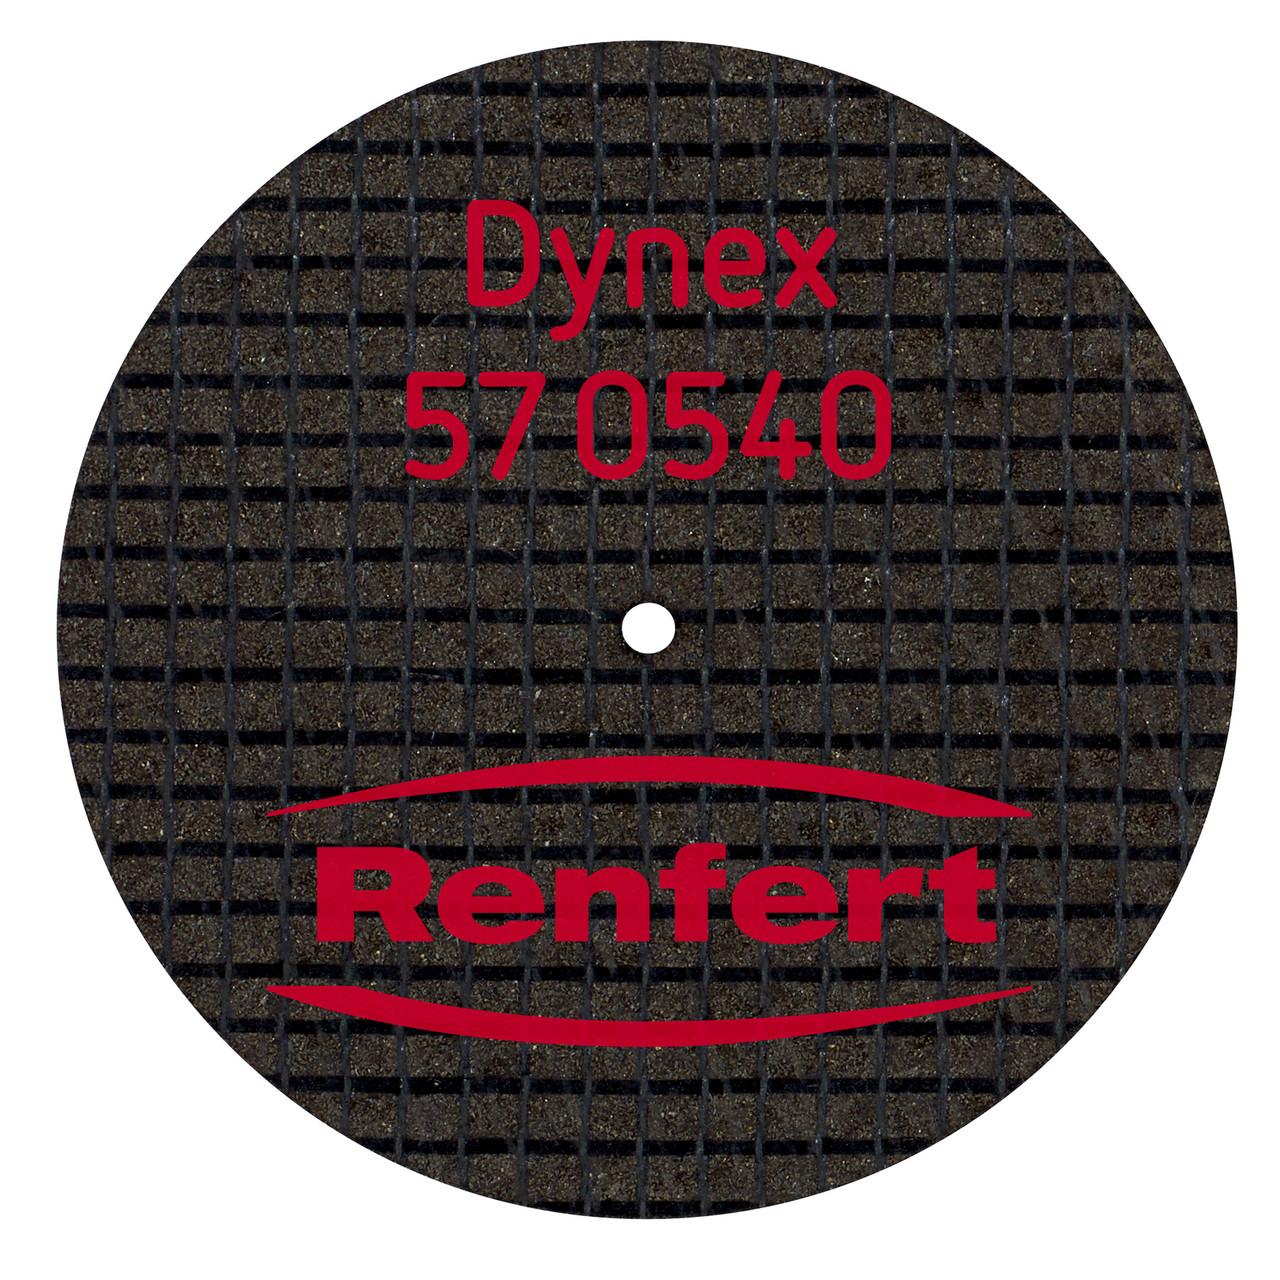 Отрезной диск Dynex, 40 x 0,5 мм Renfert (Ренферт)